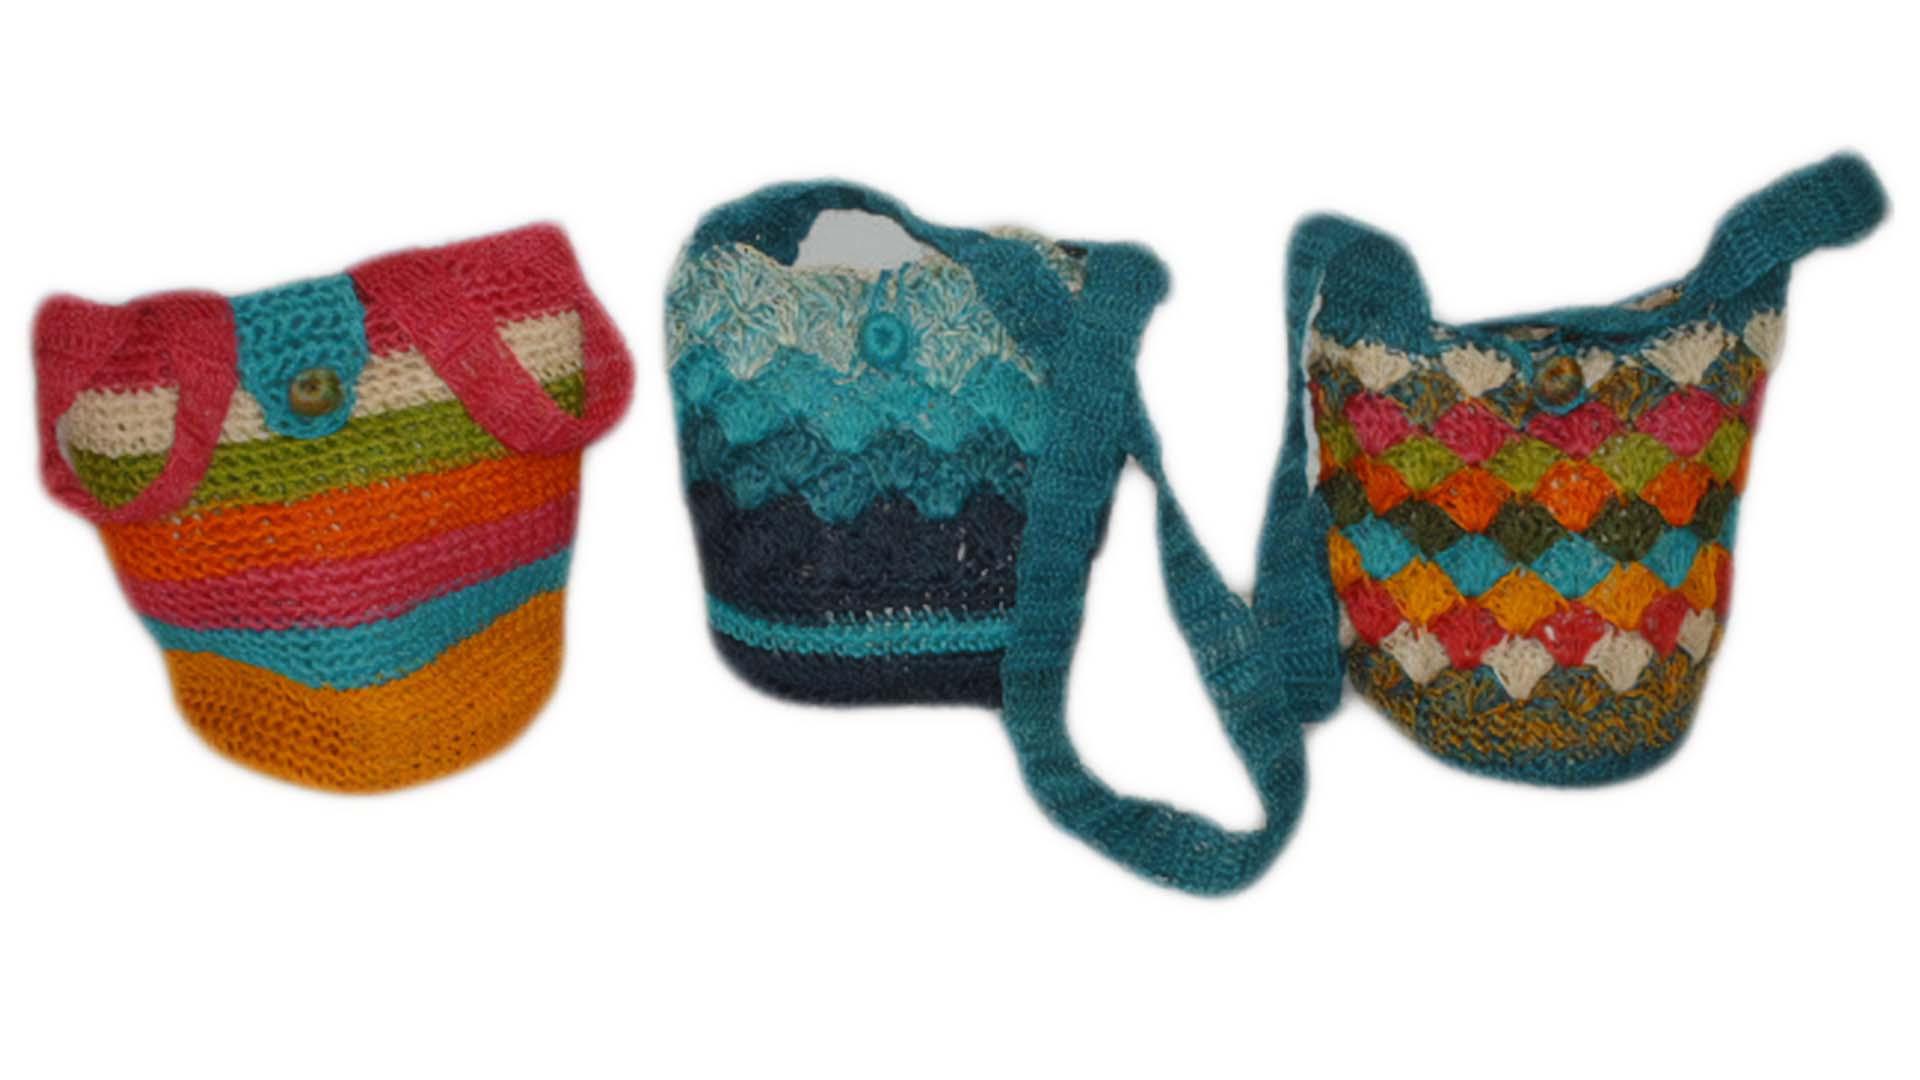 Imagen de bolsos de Artesanías de Fique de Aranzazu, Caldas